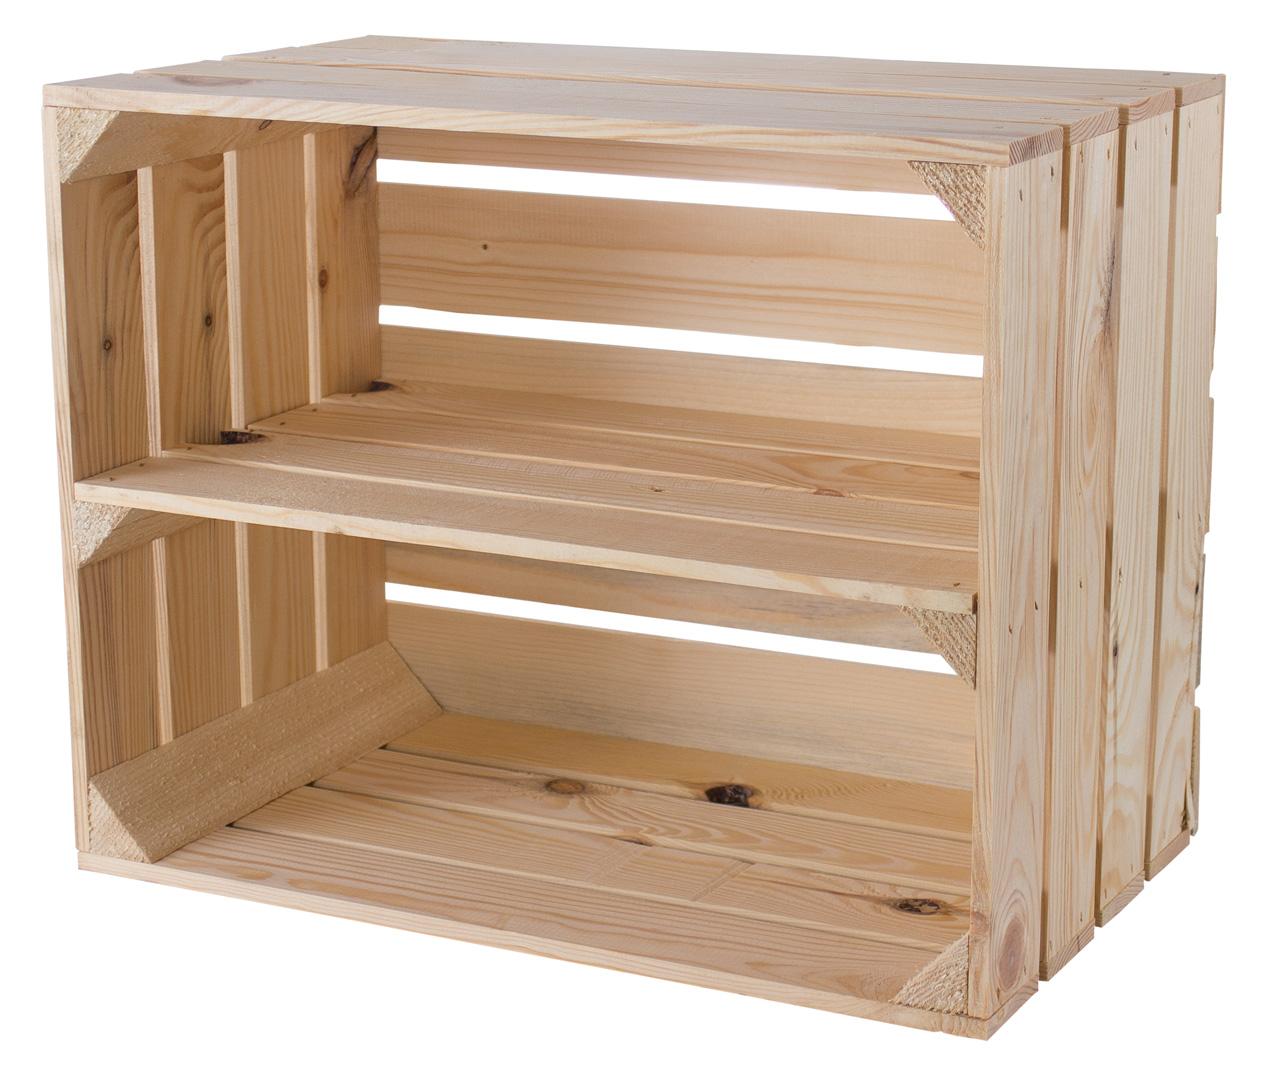 Holzkiste für Schuh- und Bücherregal 50x40x30cm